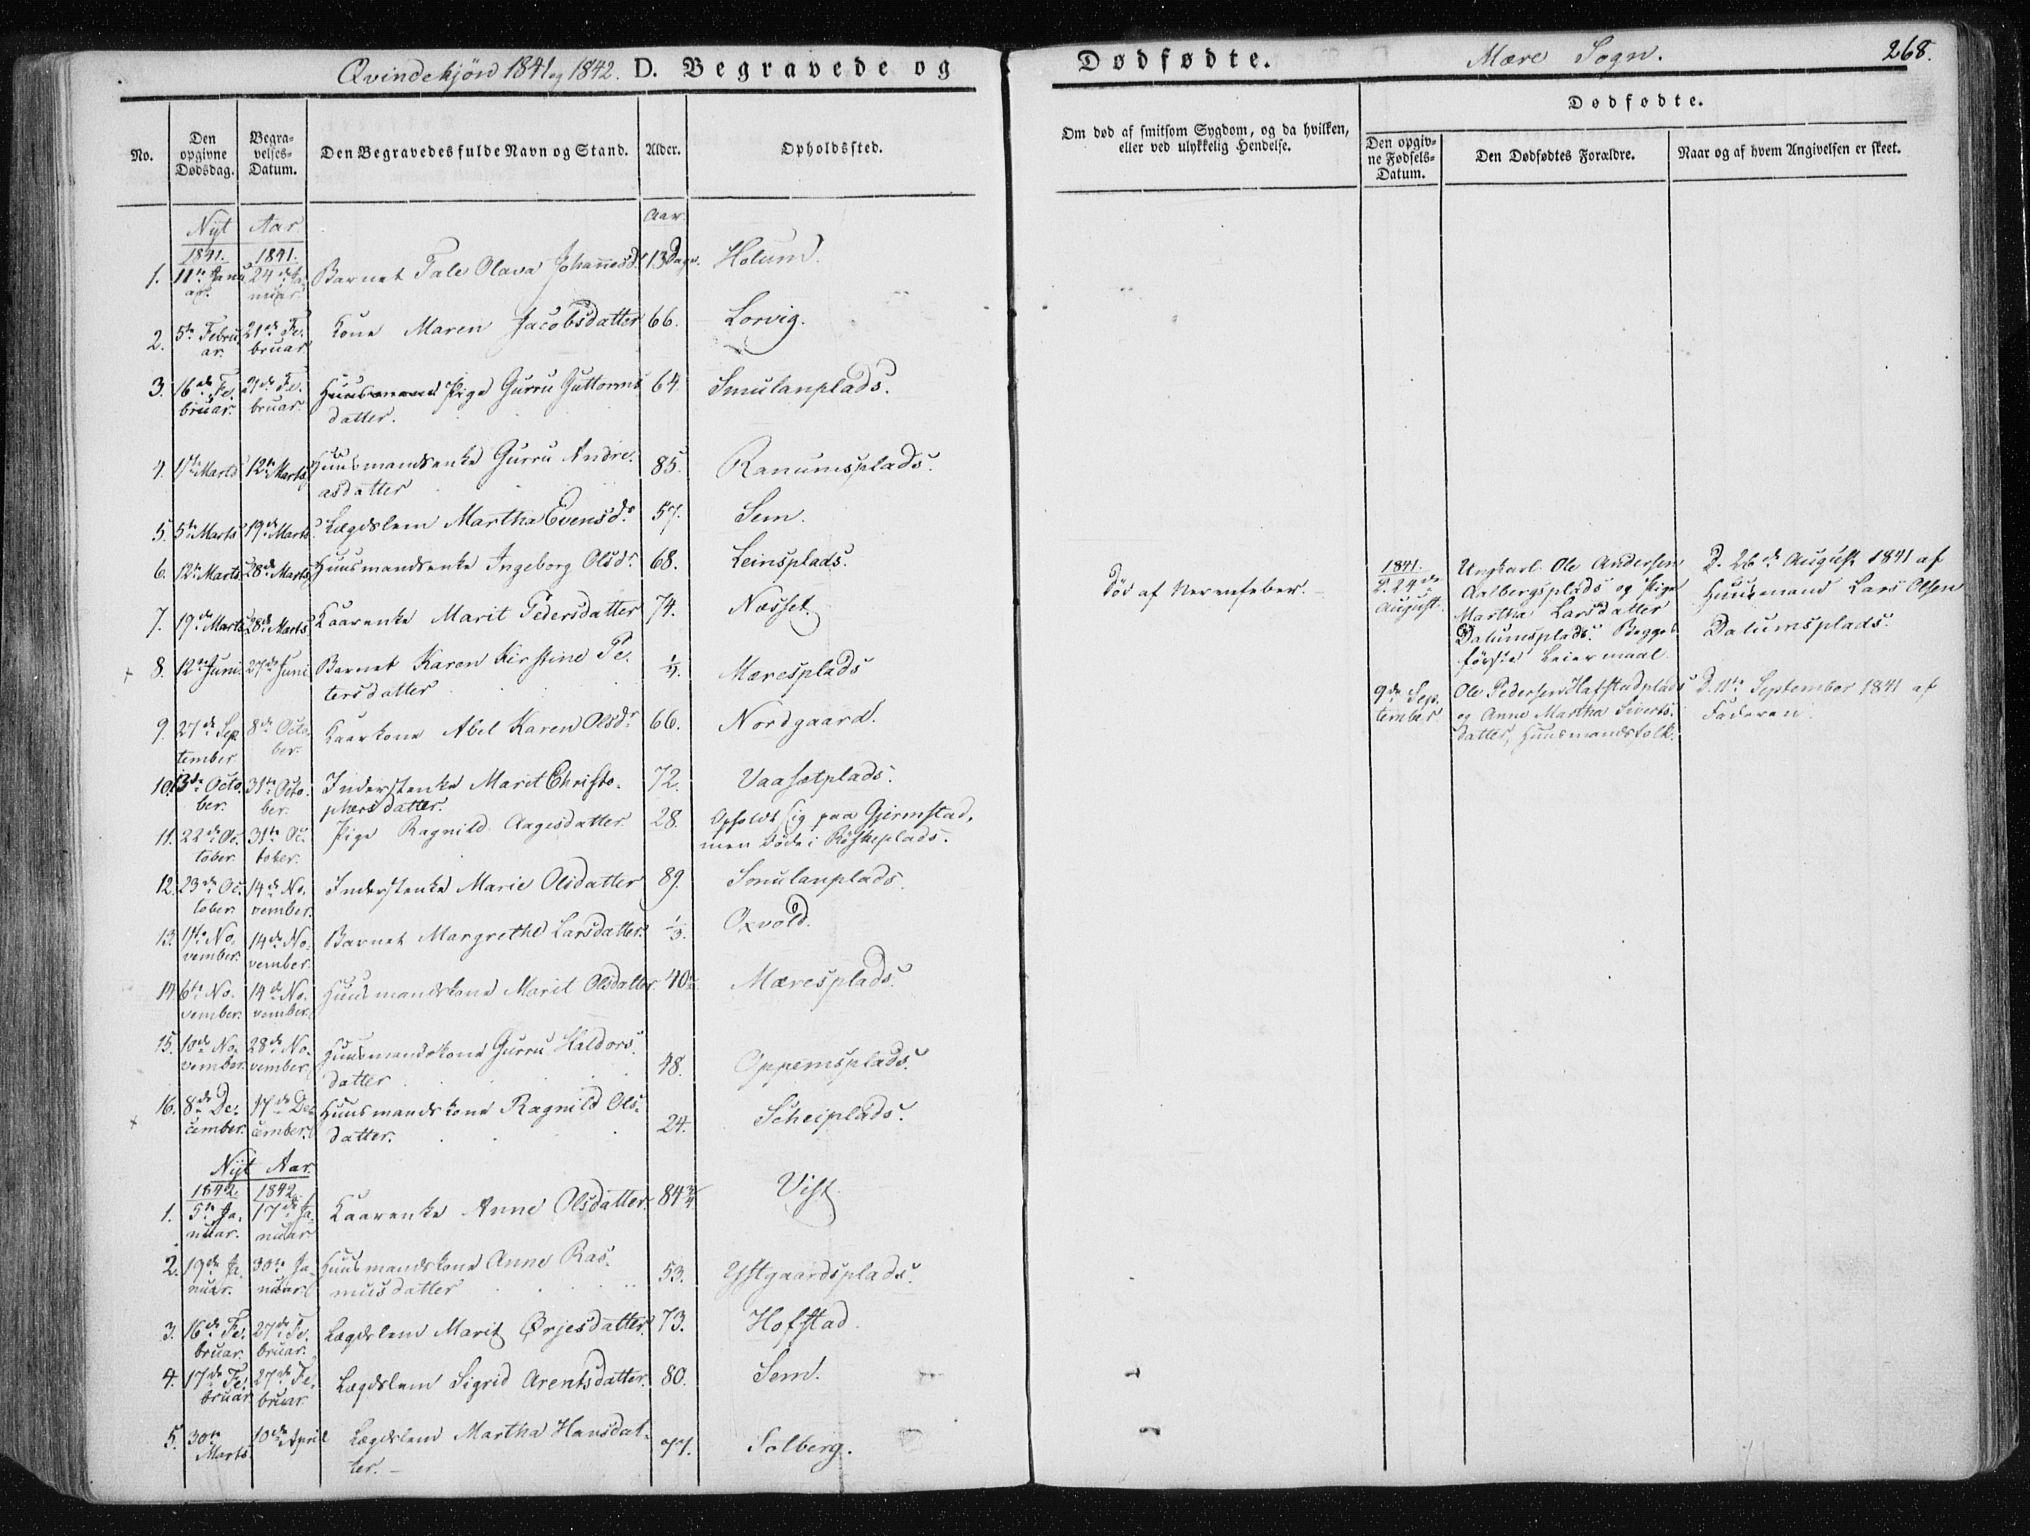 SAT, Ministerialprotokoller, klokkerbøker og fødselsregistre - Nord-Trøndelag, 735/L0339: Ministerialbok nr. 735A06 /1, 1836-1848, s. 268